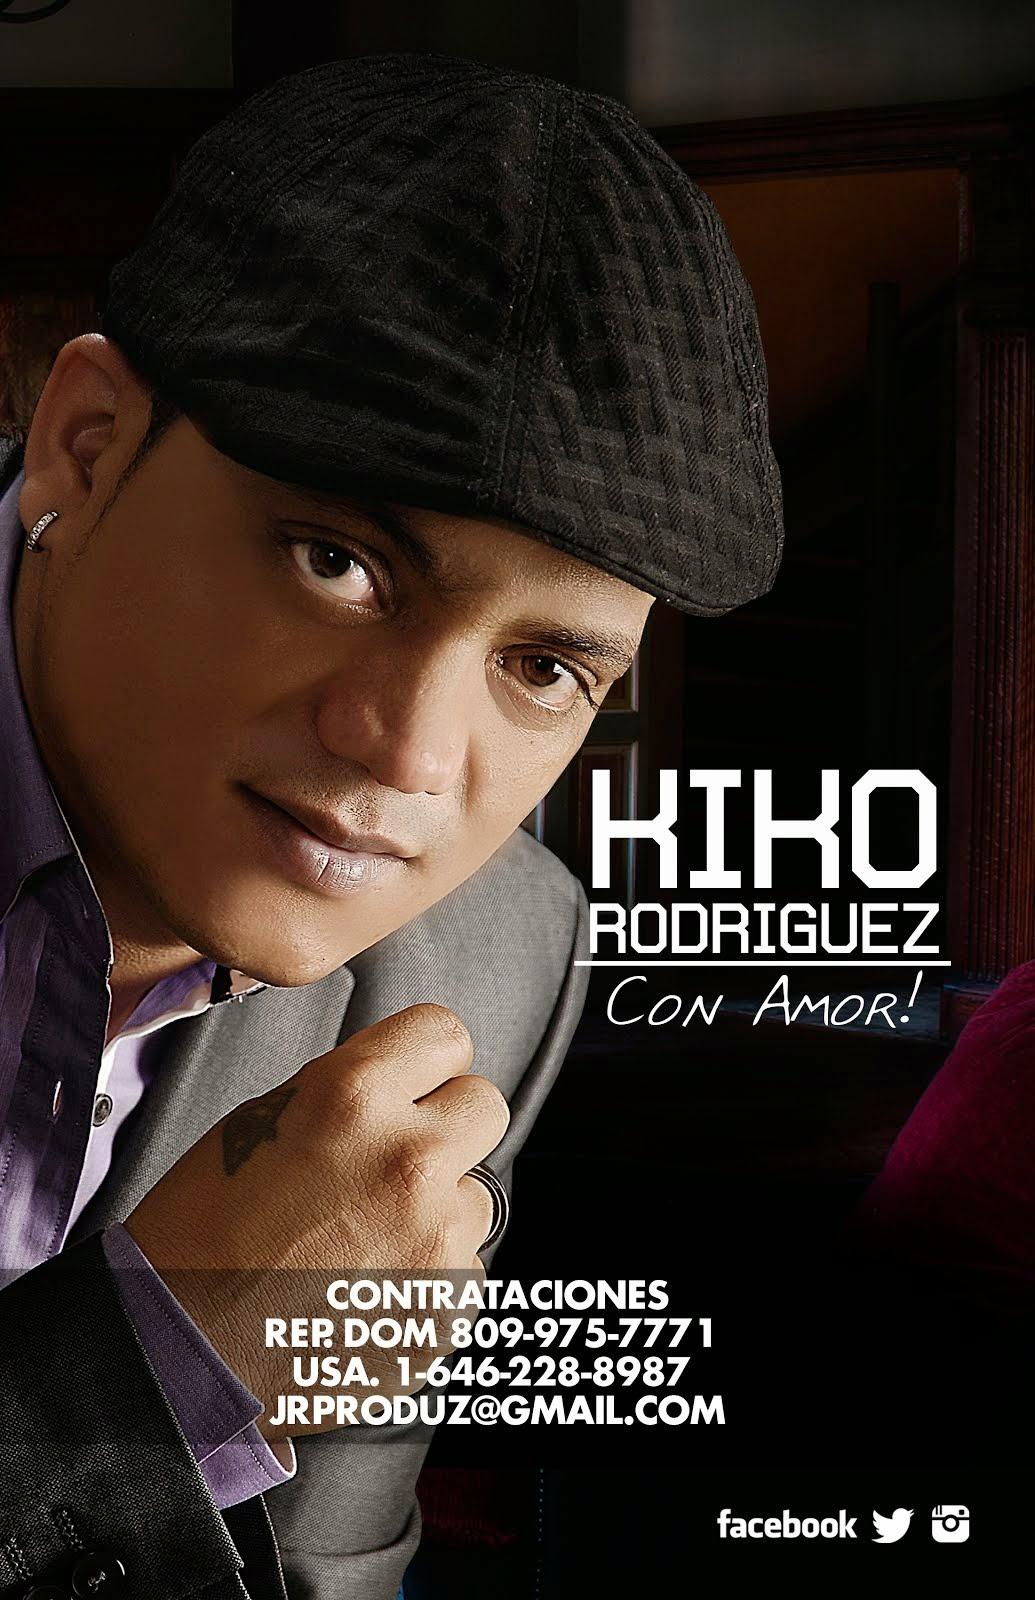 Contacto: Kiko Rodriguez